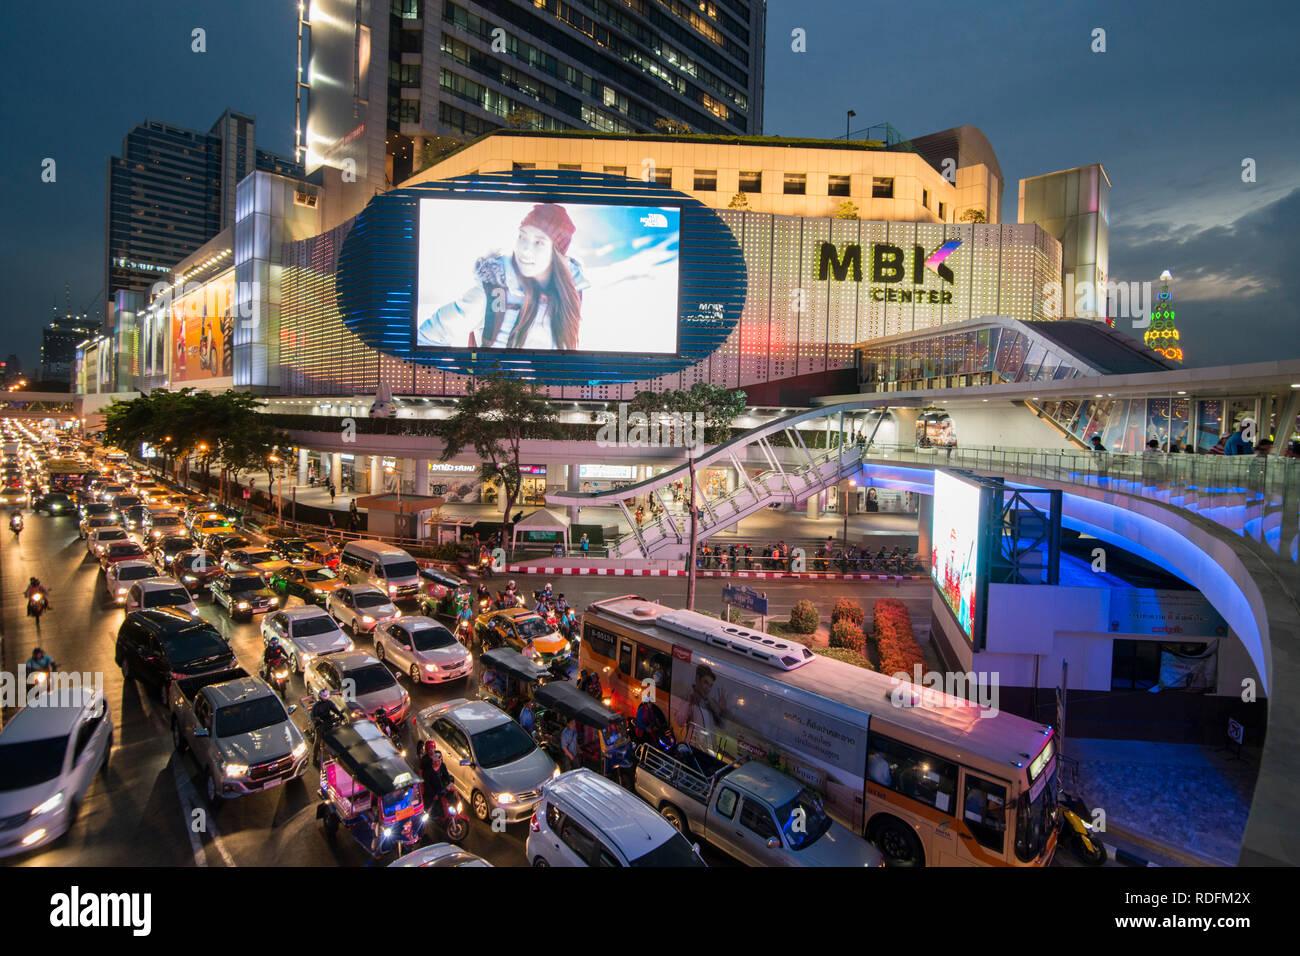 ab627f3eec Le centre commercial MBK à Sian Square dans la ville de Bangkok en  Thaïlande en Southeastasia